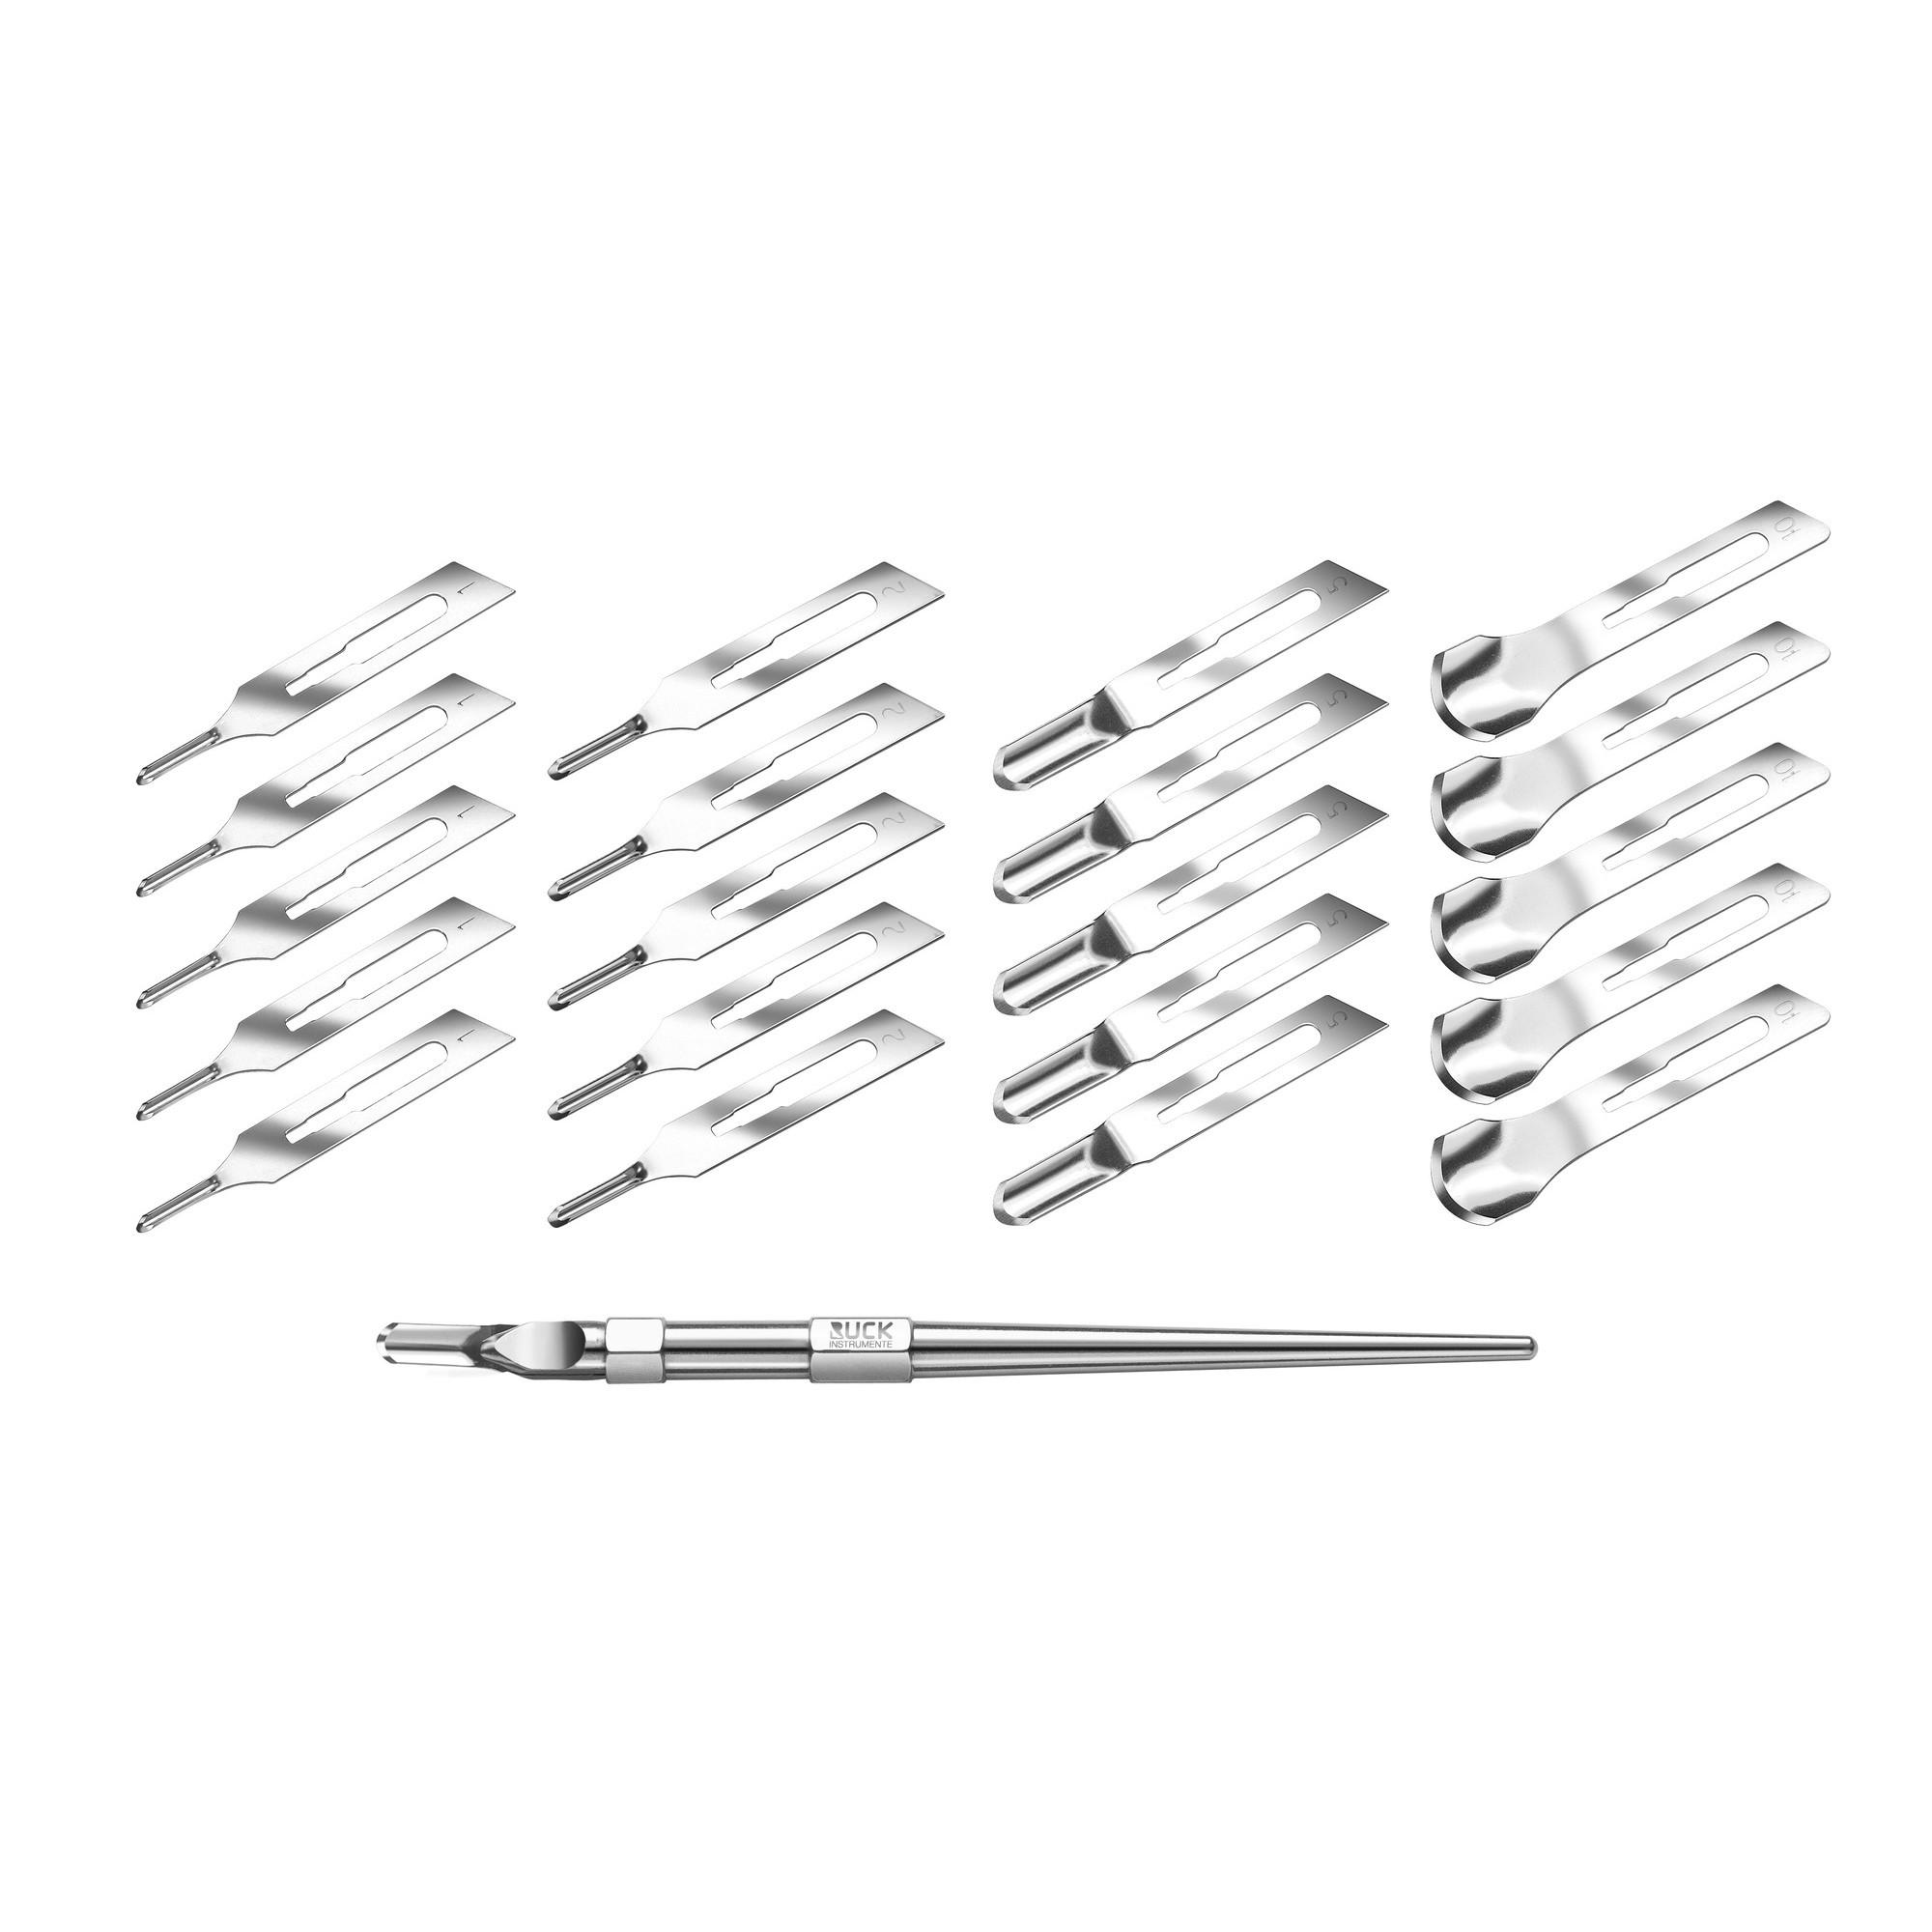 Pack - Porte-lames + Lames de burin - 5 x 1V, 2V, 3V et 10 - Ruck